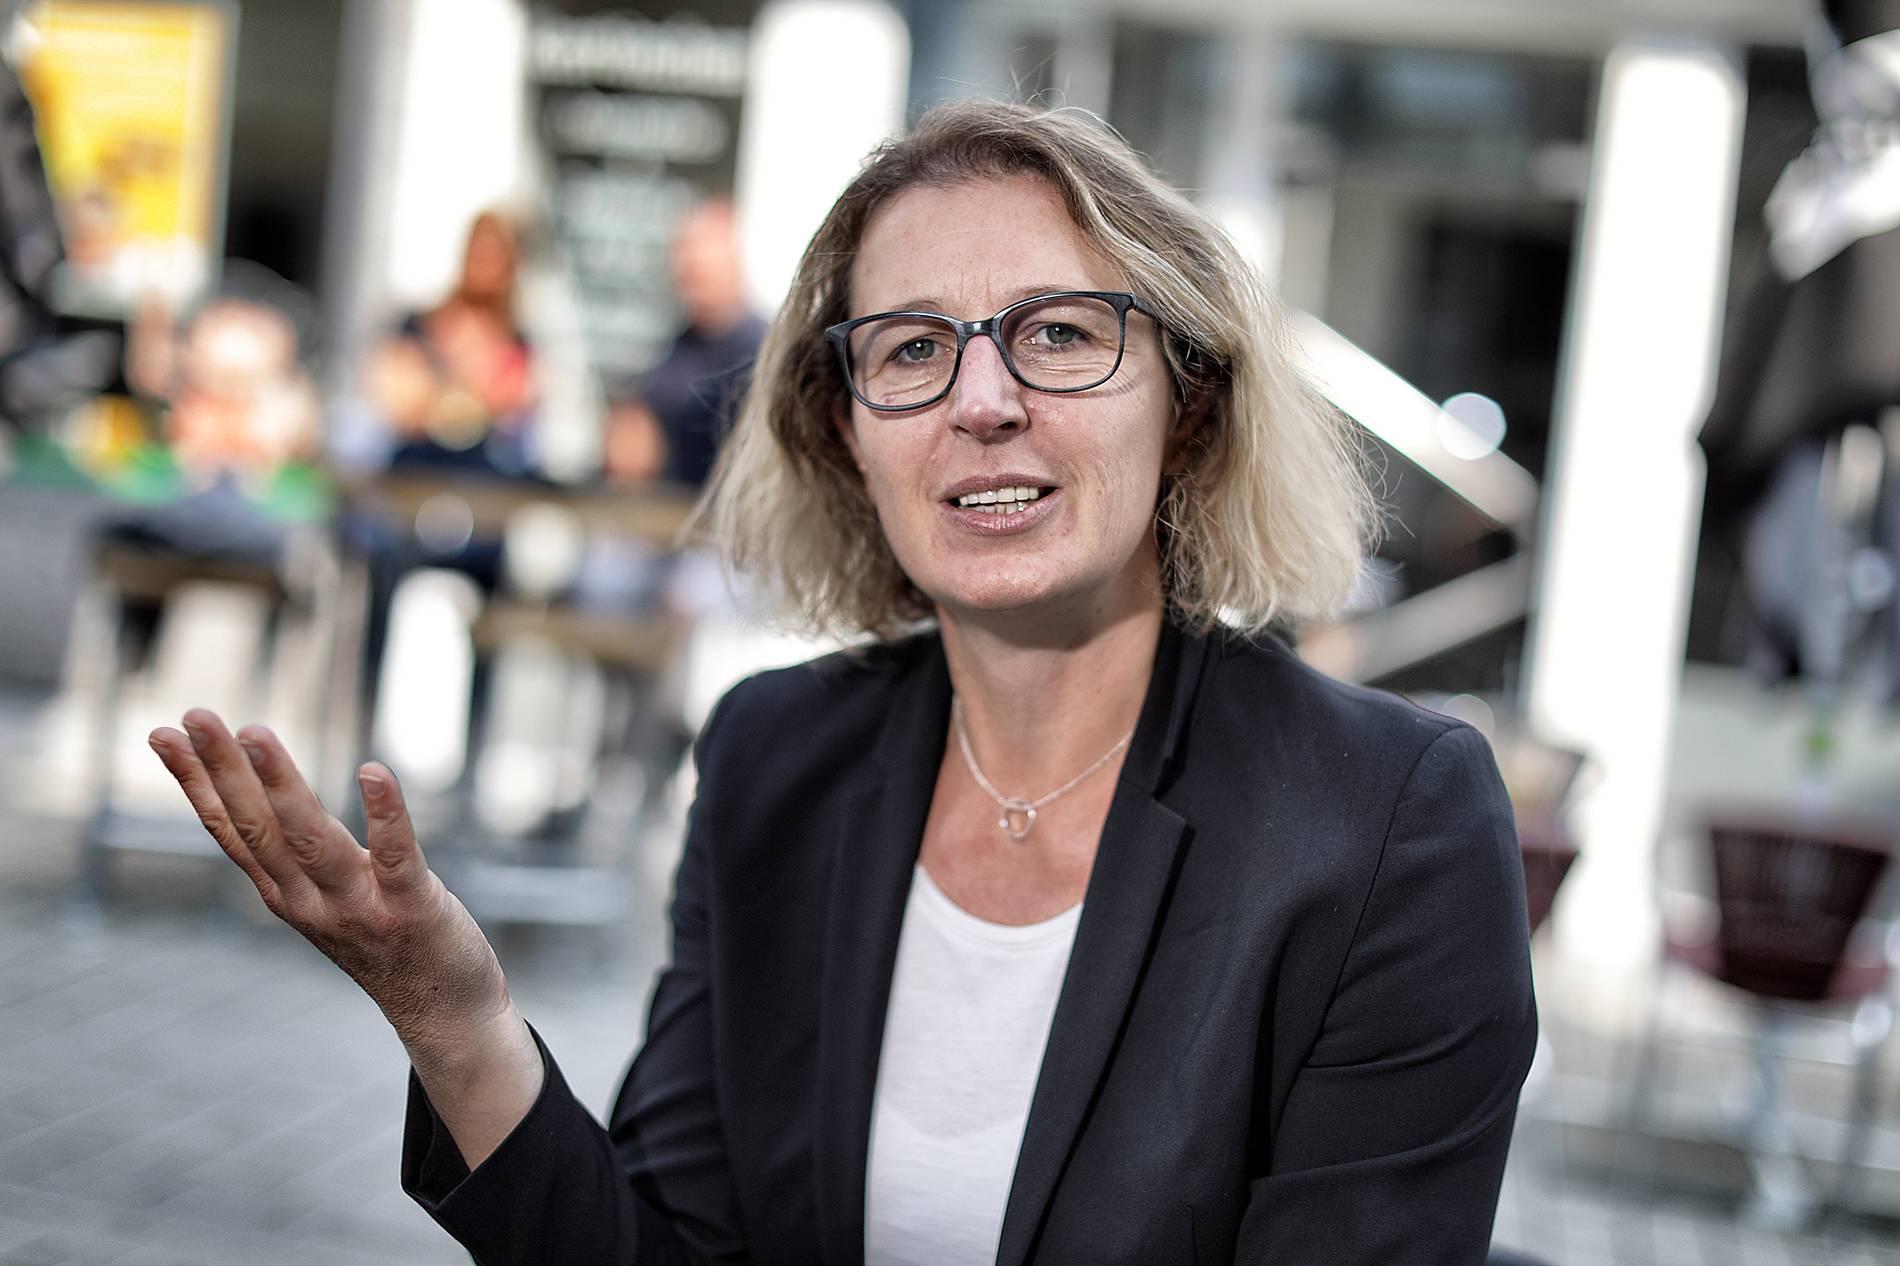 Laura Pietschmann